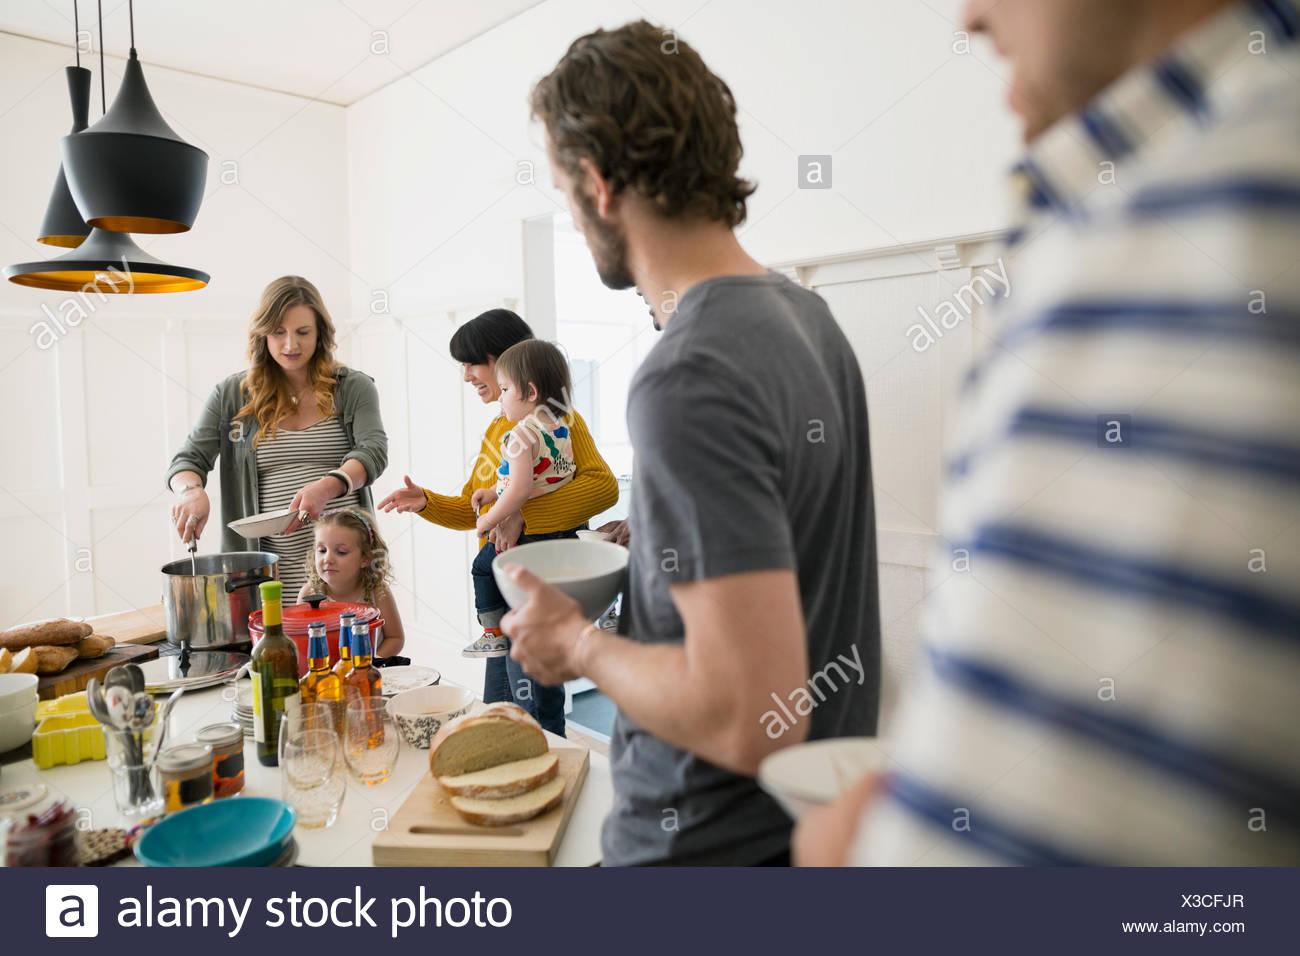 Famiglie godendo il pranzo a buffet in sala da pranzo Immagini Stock